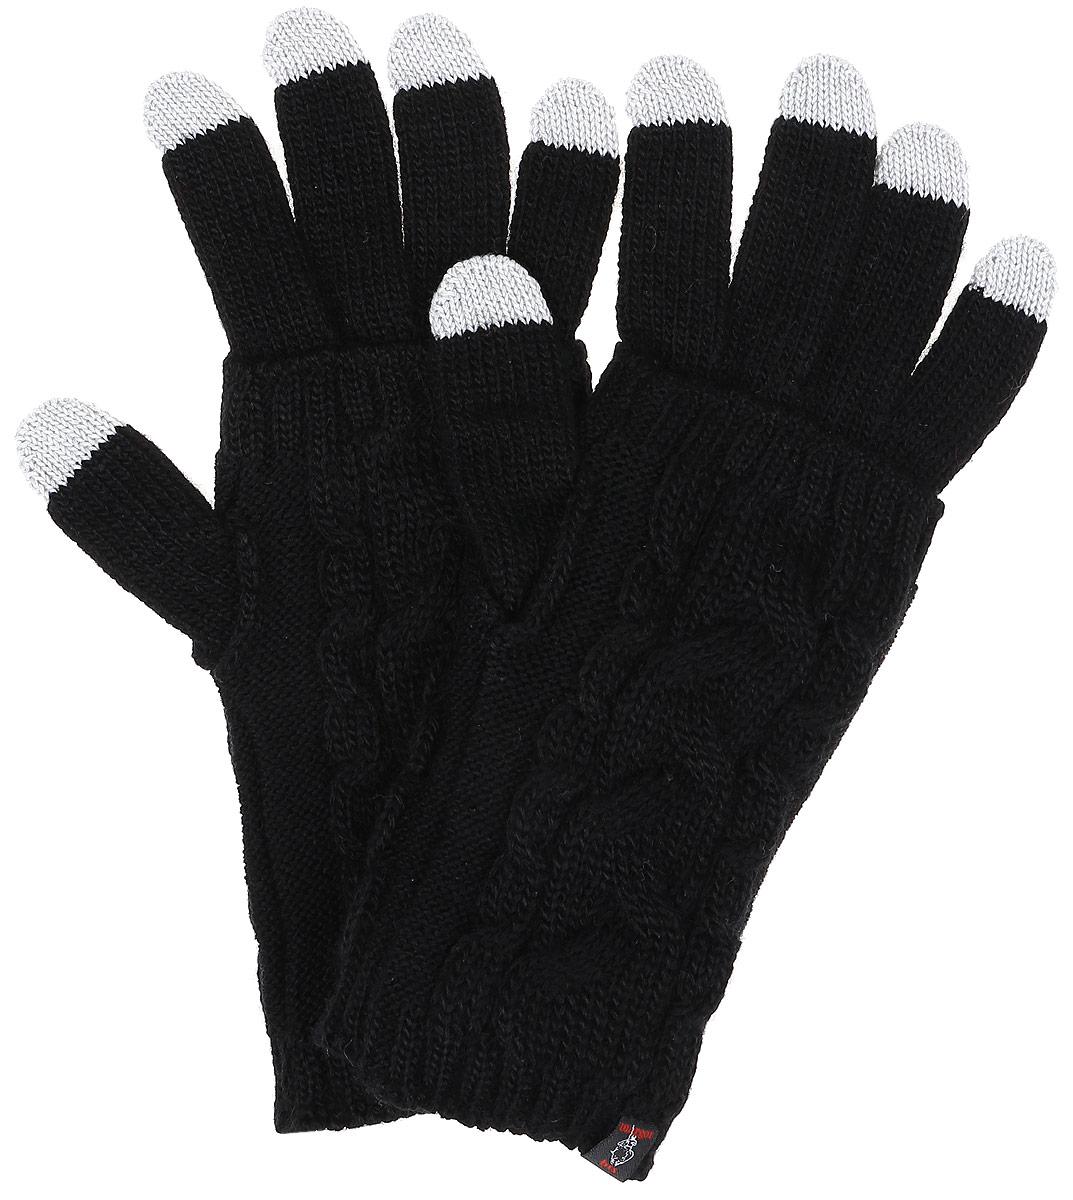 Перчатки детскиеTangala-22Вязаные перчатки для девочки Margot Bis Tangala идеально подойдут для прогулок в прохладное время года. Изготовленные из 100% акрила, они необычайно мягкие и приятные на ощупь. На пальцах специальные волокна, дающие возможность пользоваться тачскрином смартфона или планшета, находясь в тепле не снимая перчатку. Изделие дополнено широкими эластичными манжетами, не стягивающими запястья и надежно фиксирующими их на ручках ребенка. Манжеты связаны резинкой. Модель дополнена съемными вязаными митенками. Современный дизайн и расцветка делают эти перчатки модным и стильным предметом детского гардероба.